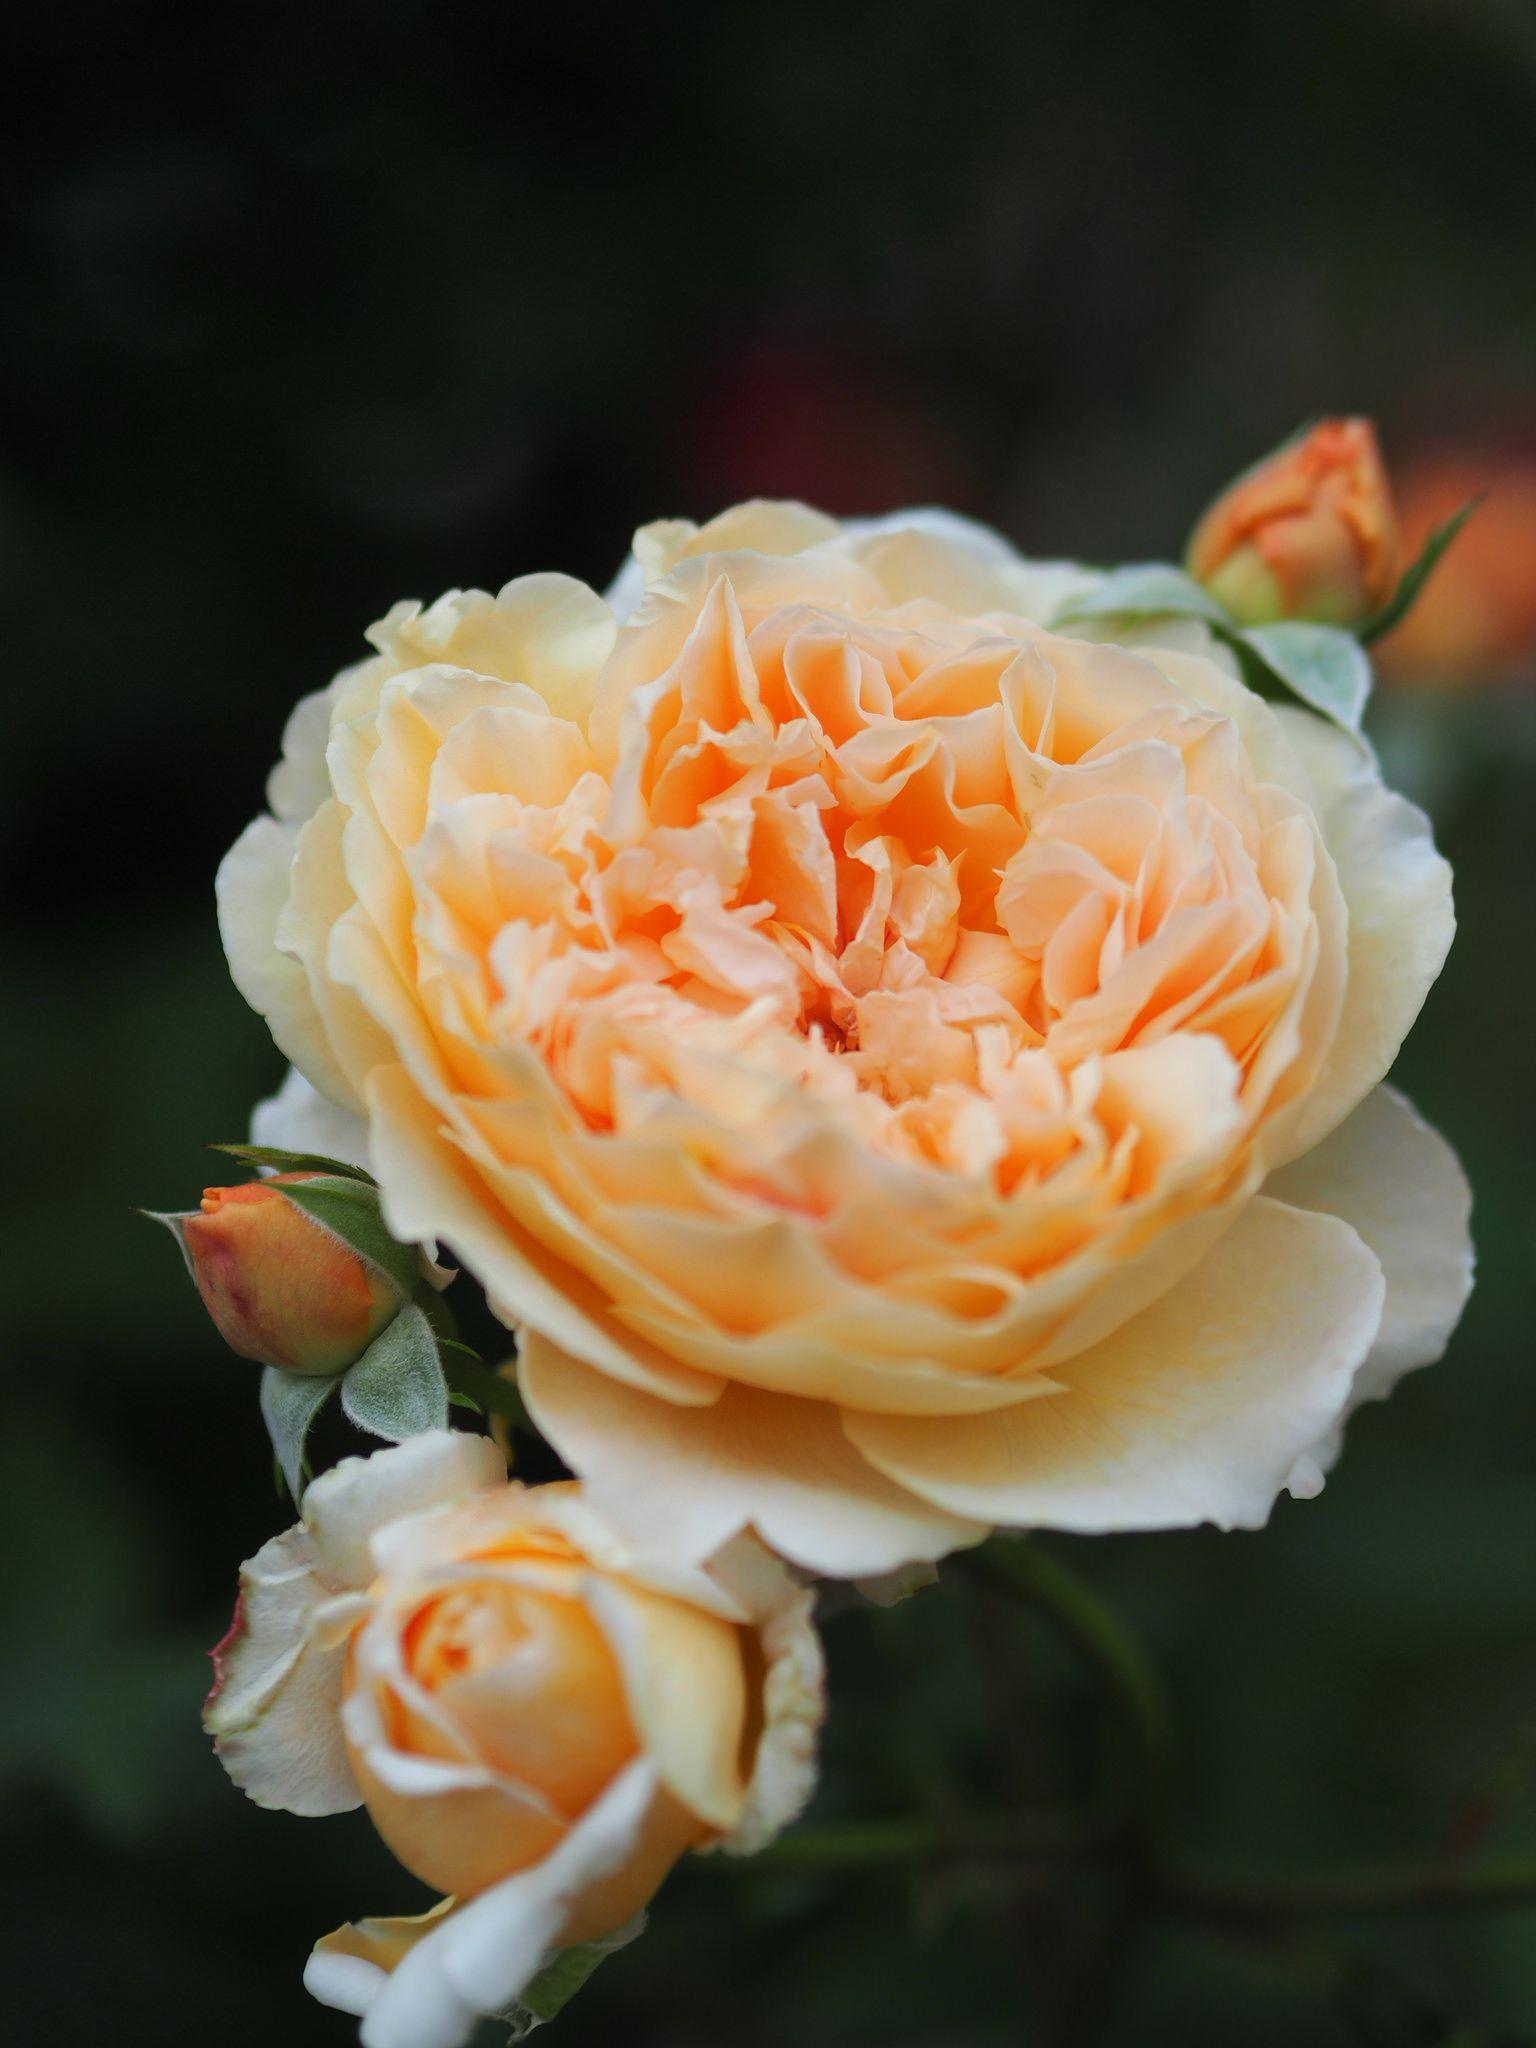 Rose crown princess margarita バラ クラウン プリンセス